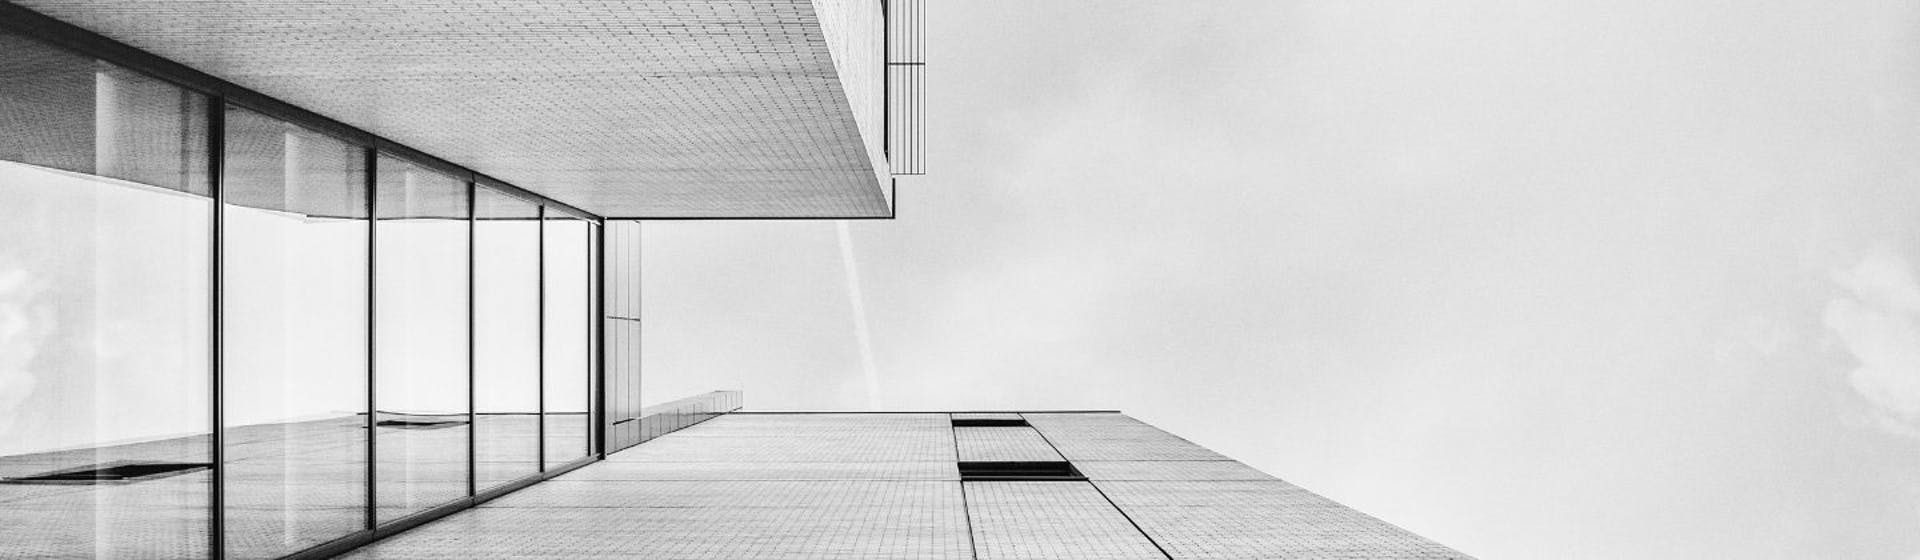 """¿Qué es el arte minimalista?: Conoce el arte de """"menos es más"""""""